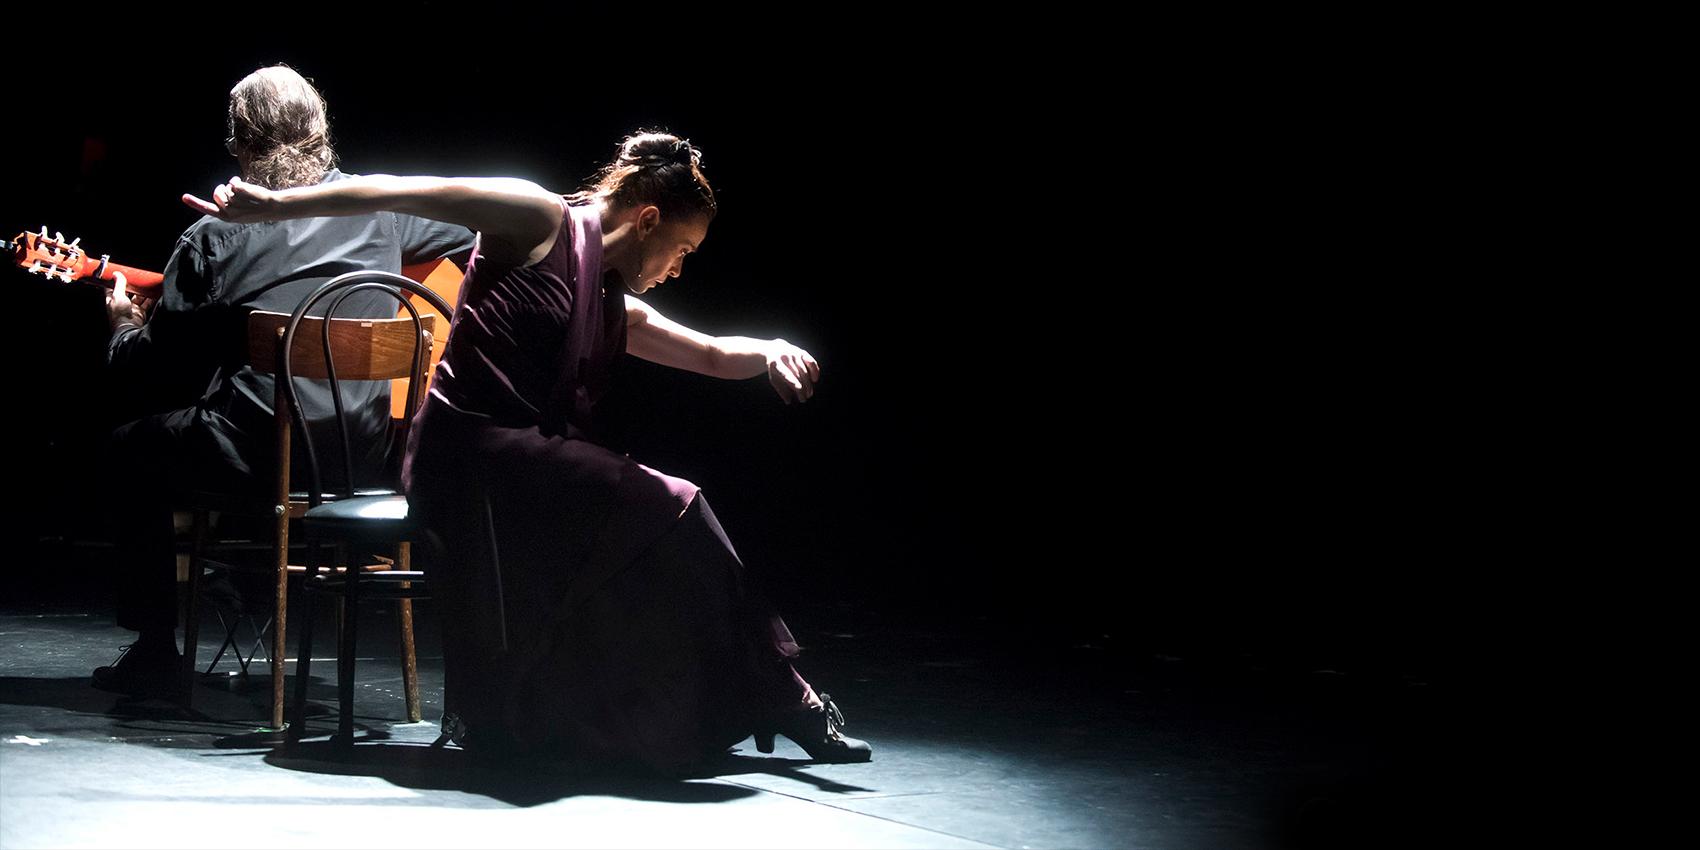 Soledad Barrio and Noche Flamenca